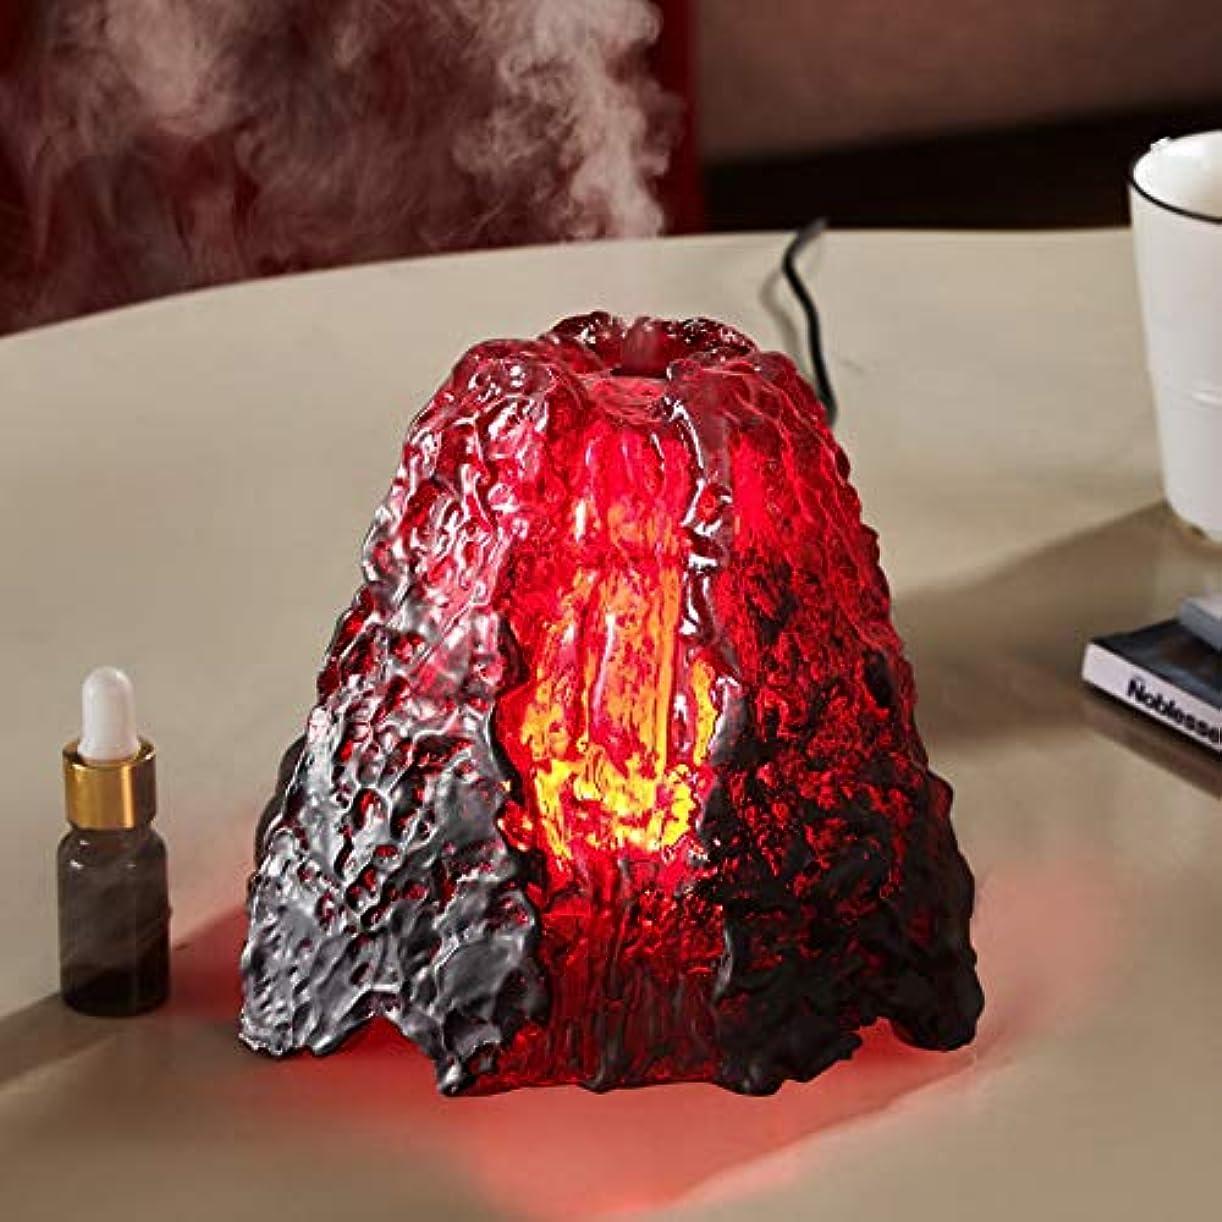 グレード鉱夫請求書樹脂 火山 7 色 加湿器,デスクトップ 涼しい霧 加湿機 調整可能 精油 ディフューザー アロマネブライザー 空気を浄化 Yoga- 200ml